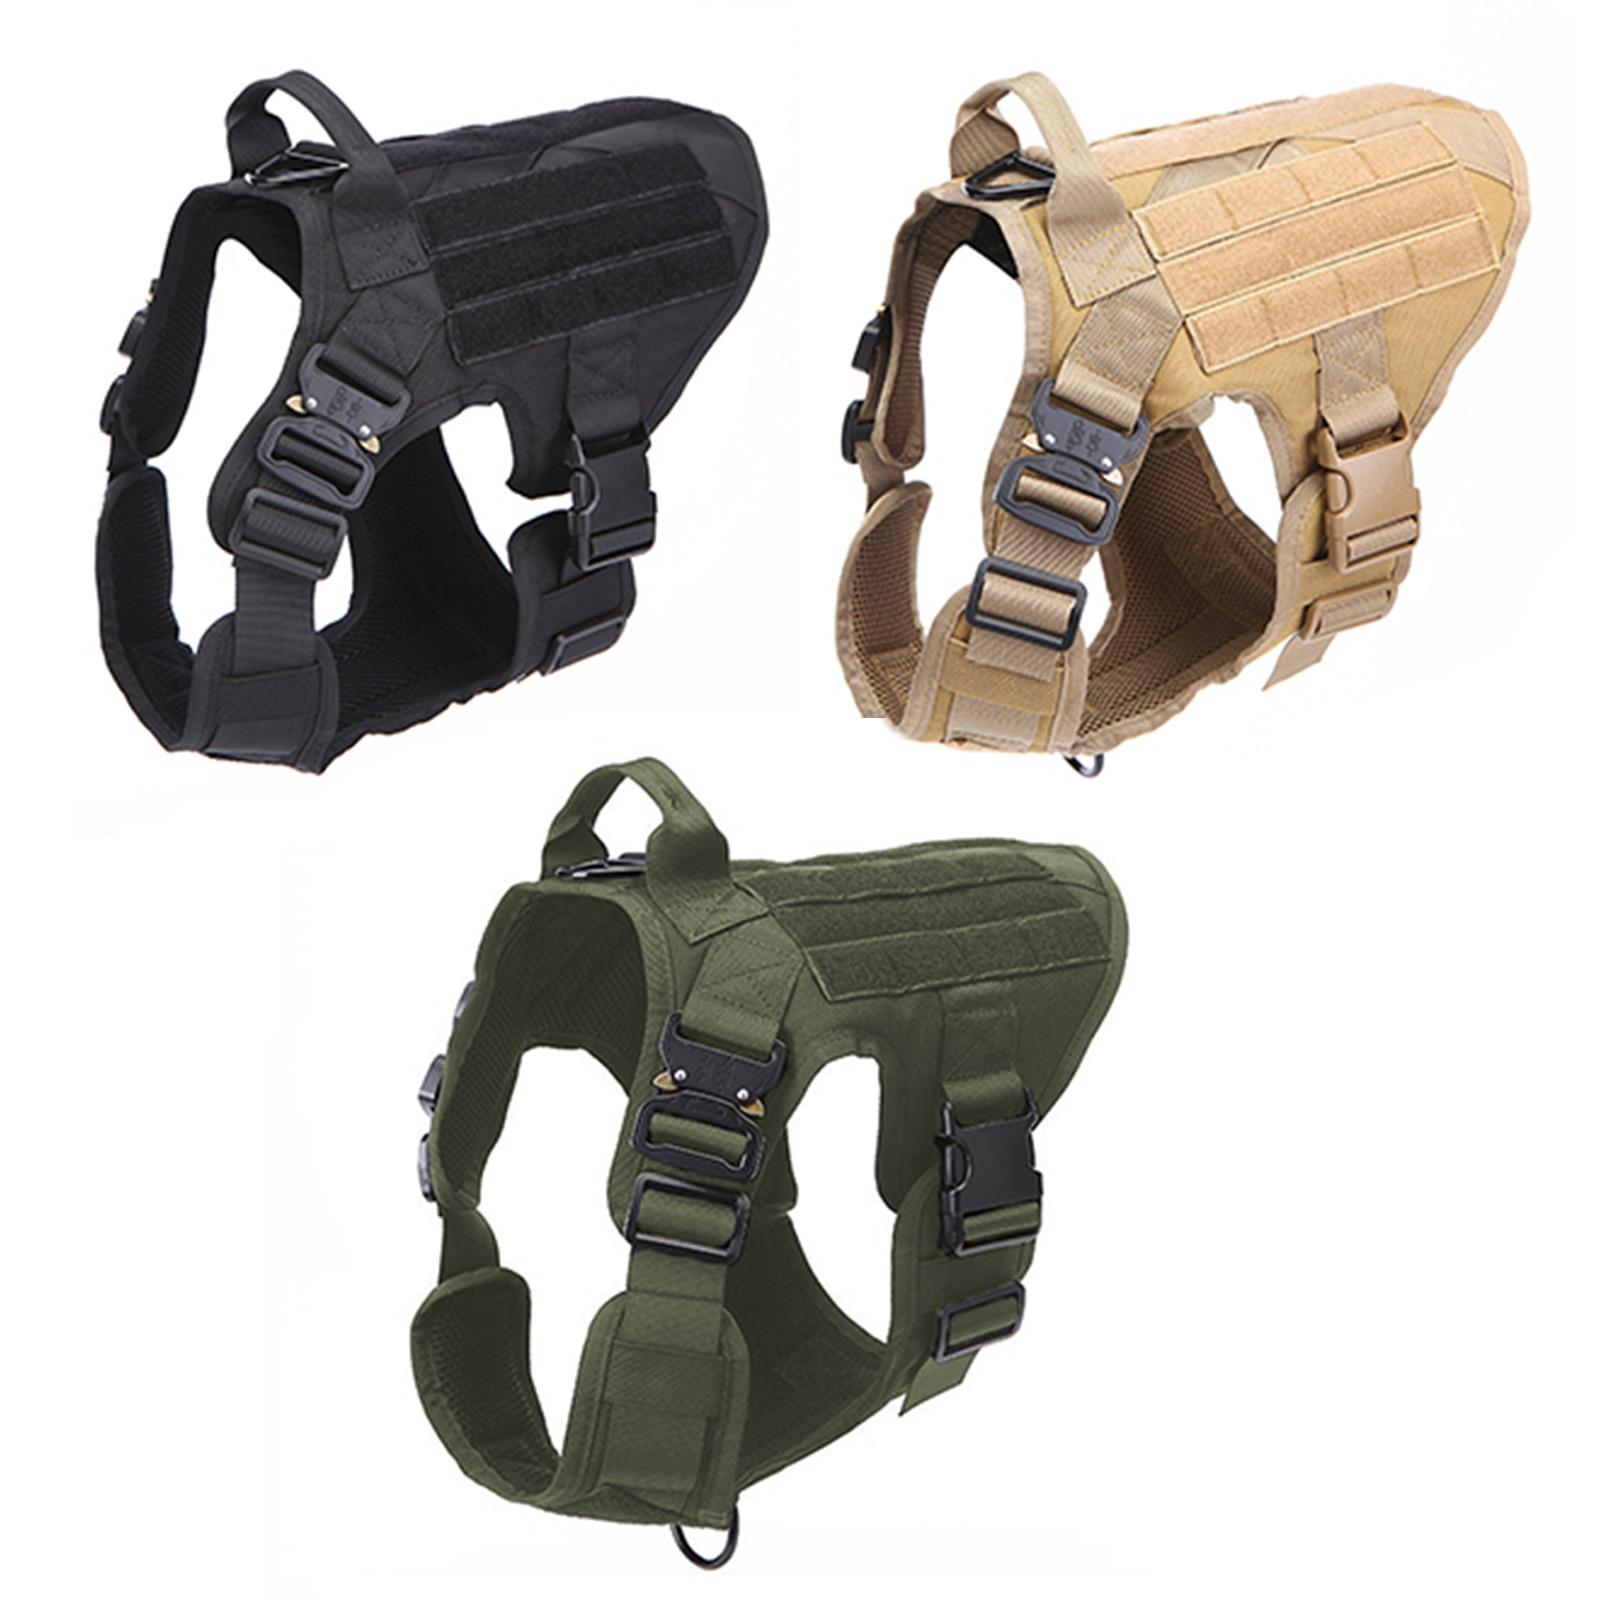 Жилет для дрессировки служебных и охотничих собак Icefang Army Style Cobra (хаки-олива)